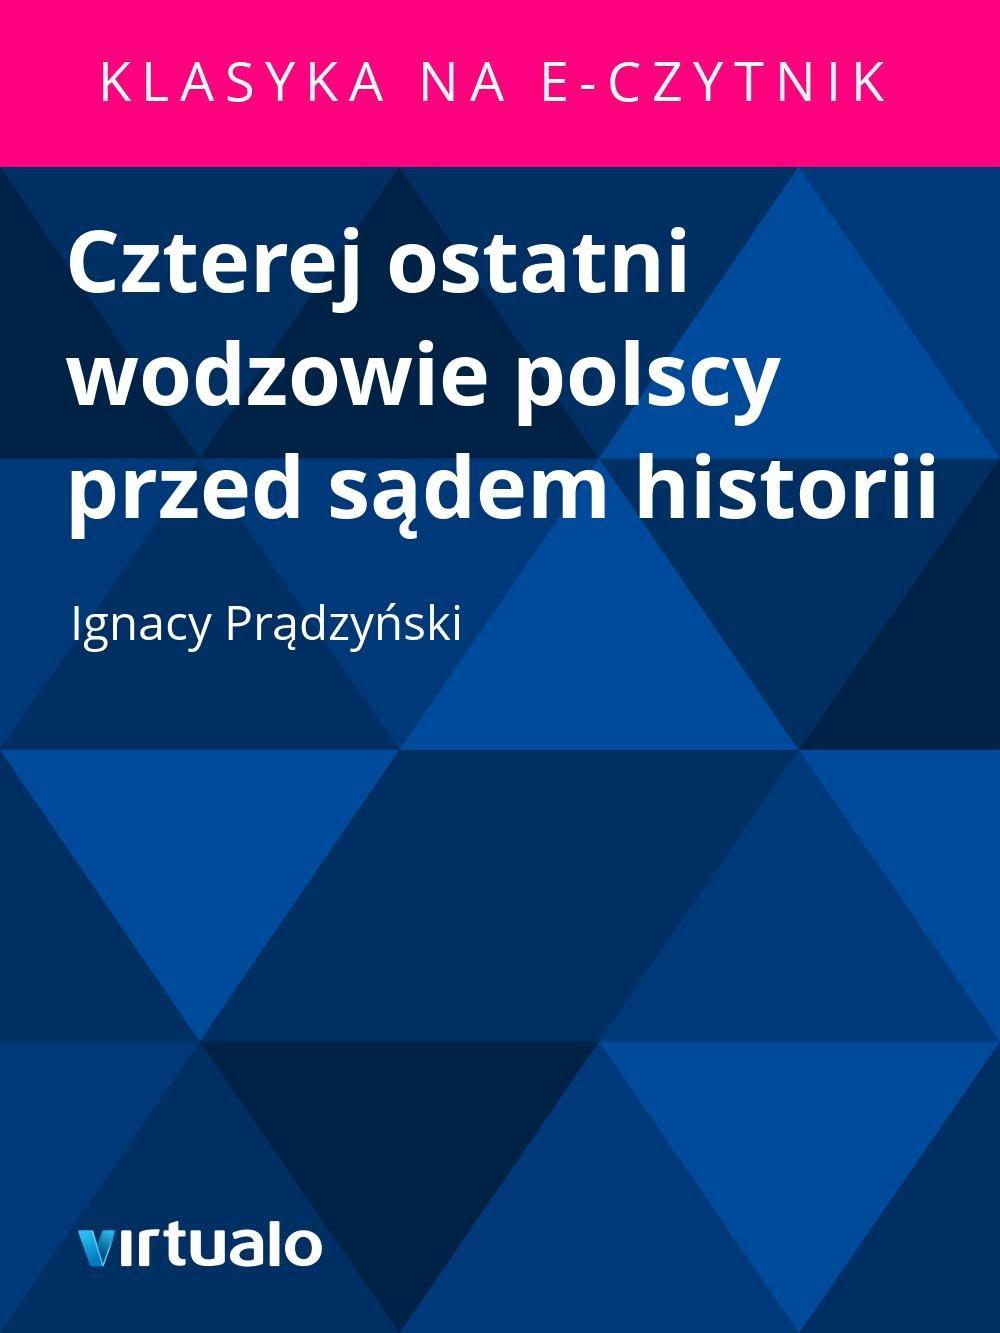 Czterej ostatni wodzowie polscy przed sądem historii - Ebook (Książka EPUB) do pobrania w formacie EPUB